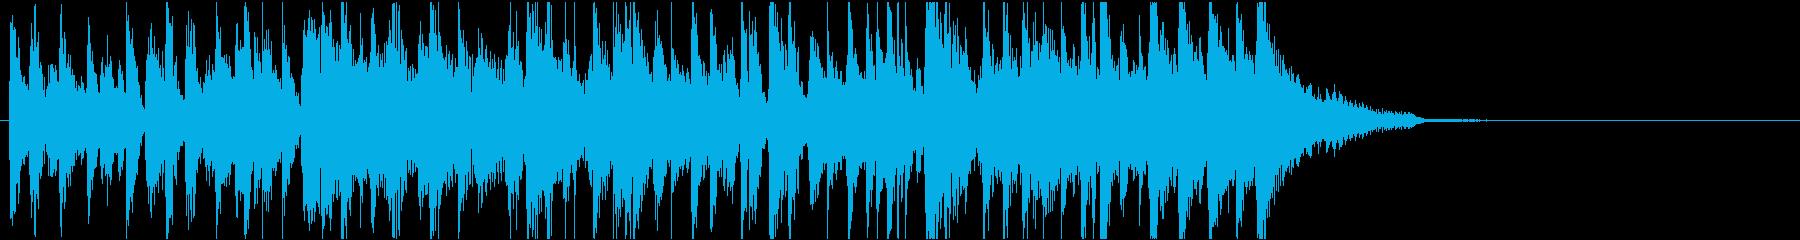 ジングル かっこいいジャズロックの再生済みの波形